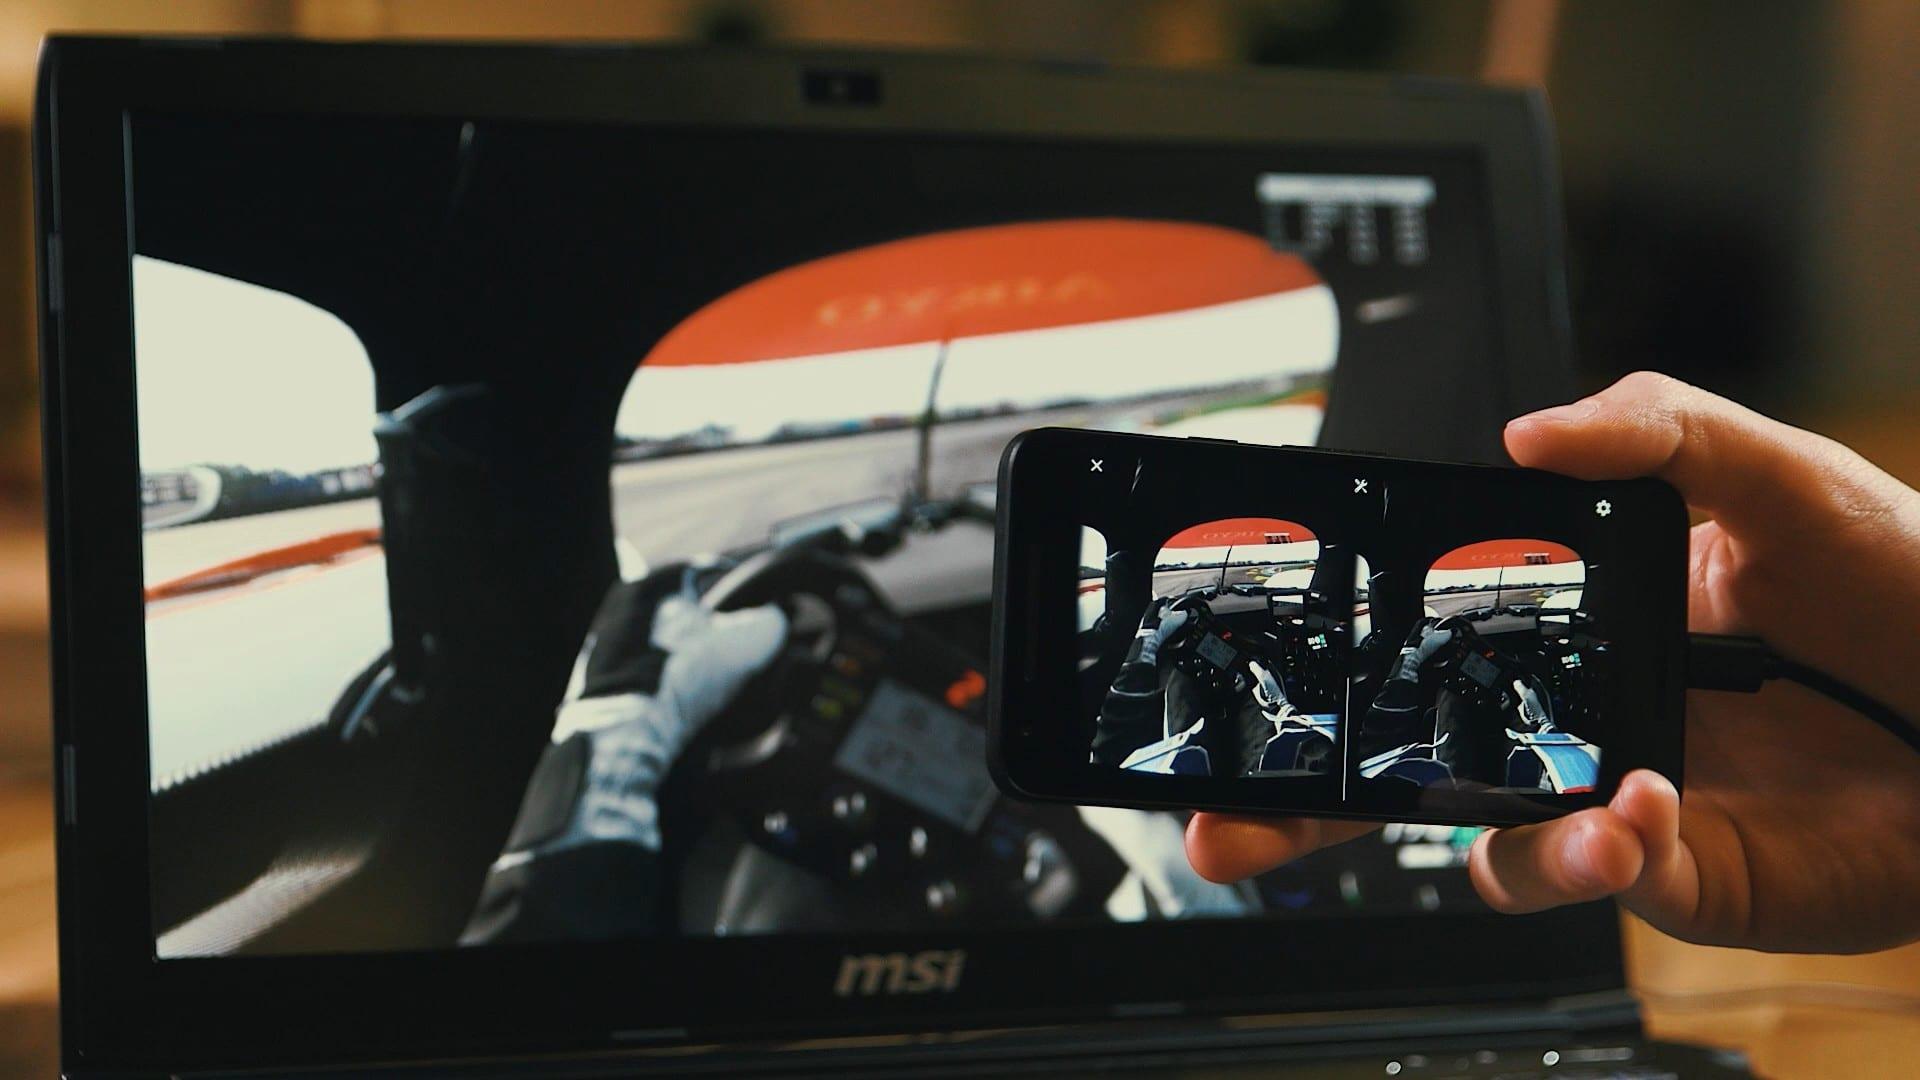 Das Smartphone müsst ihr natürlich noch in eine VR-Brille stecken. (Foto: Riftcat)